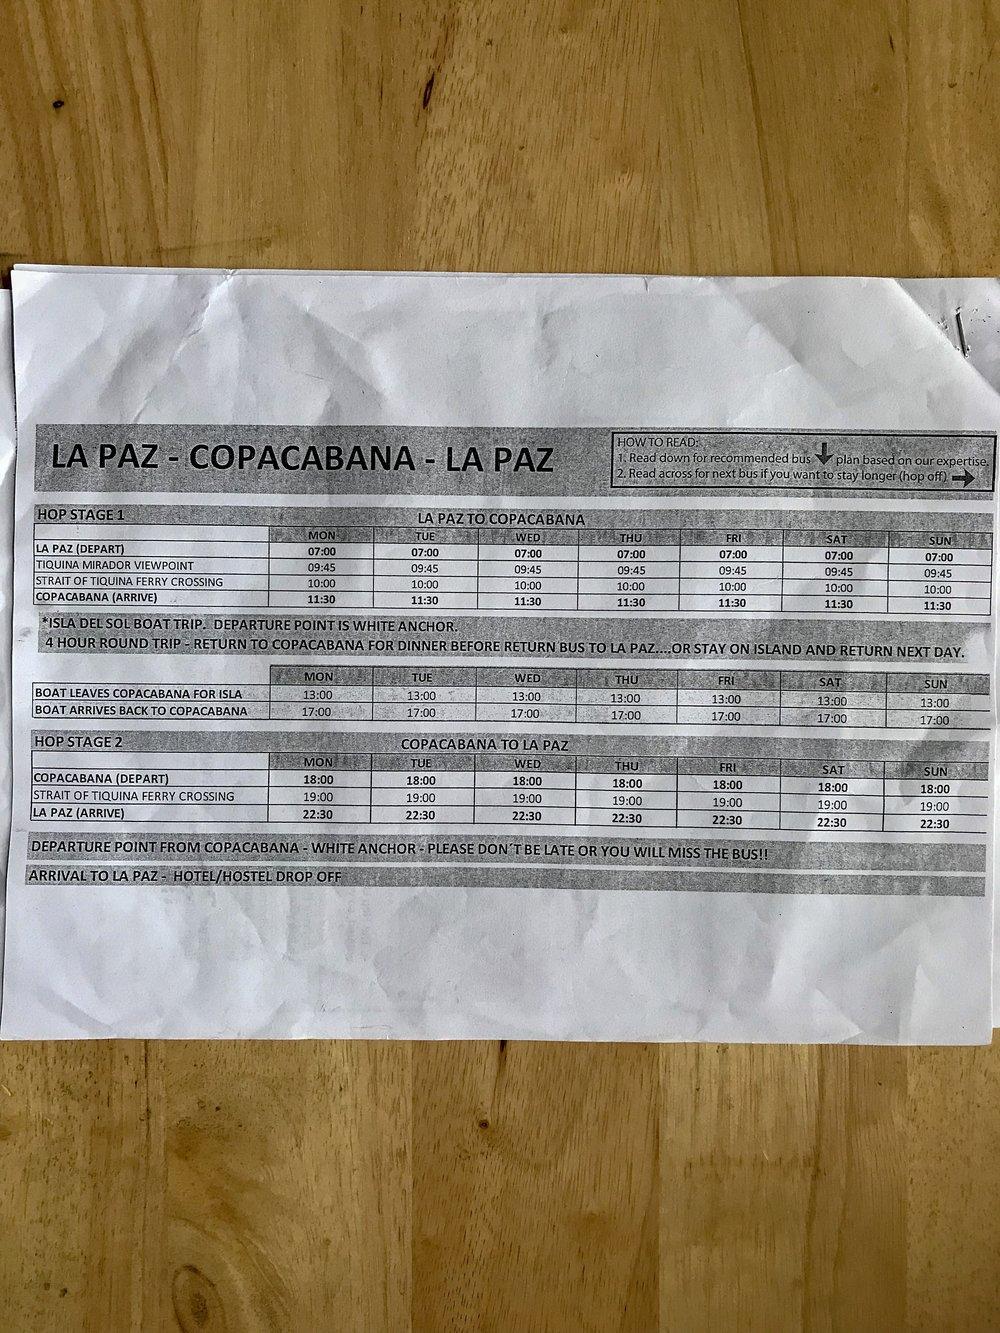 La Paz - Copacabana Bus Schedule